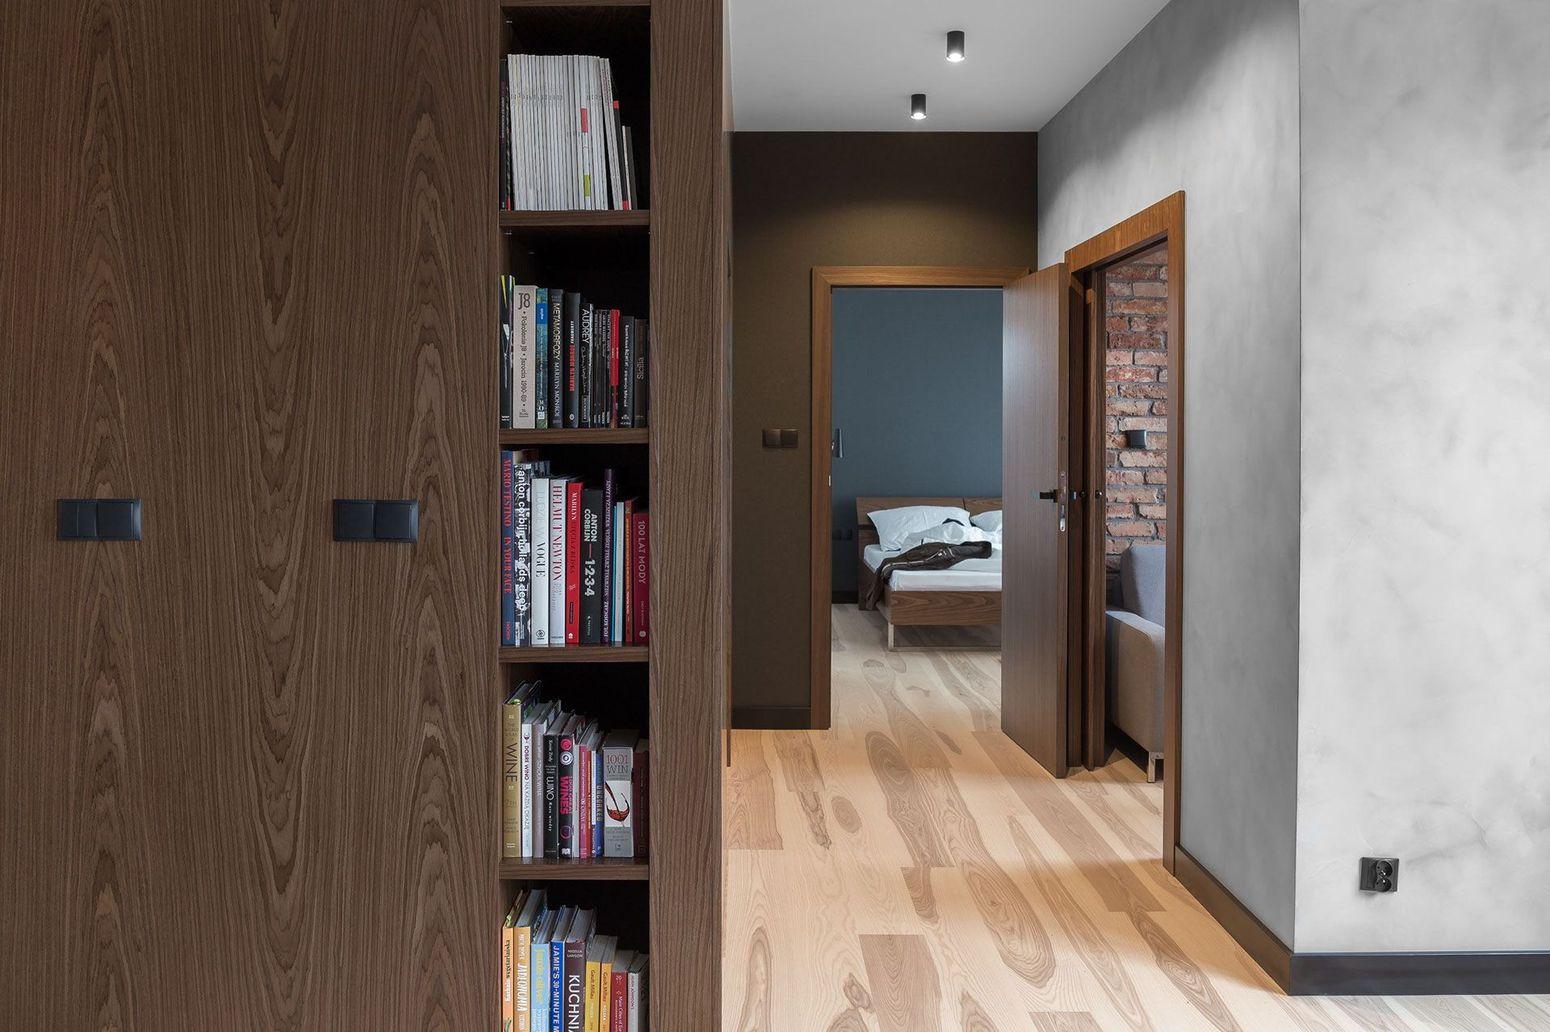 Уютный лофт. Квартира, в которой хочется жить.